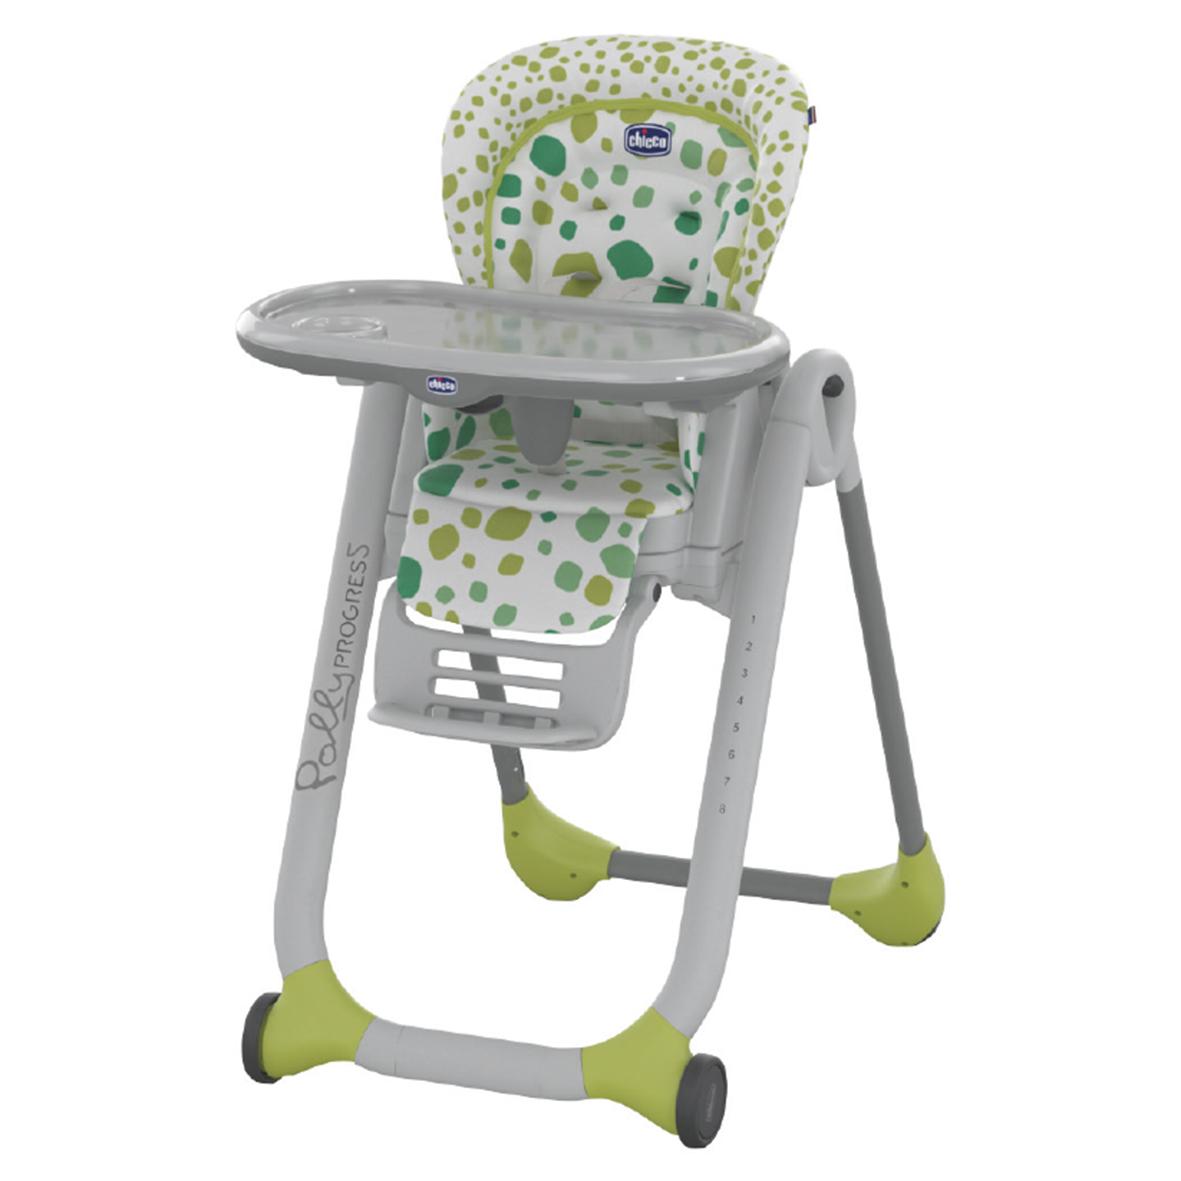 Židlička jídelní Polly Progress - KIWI